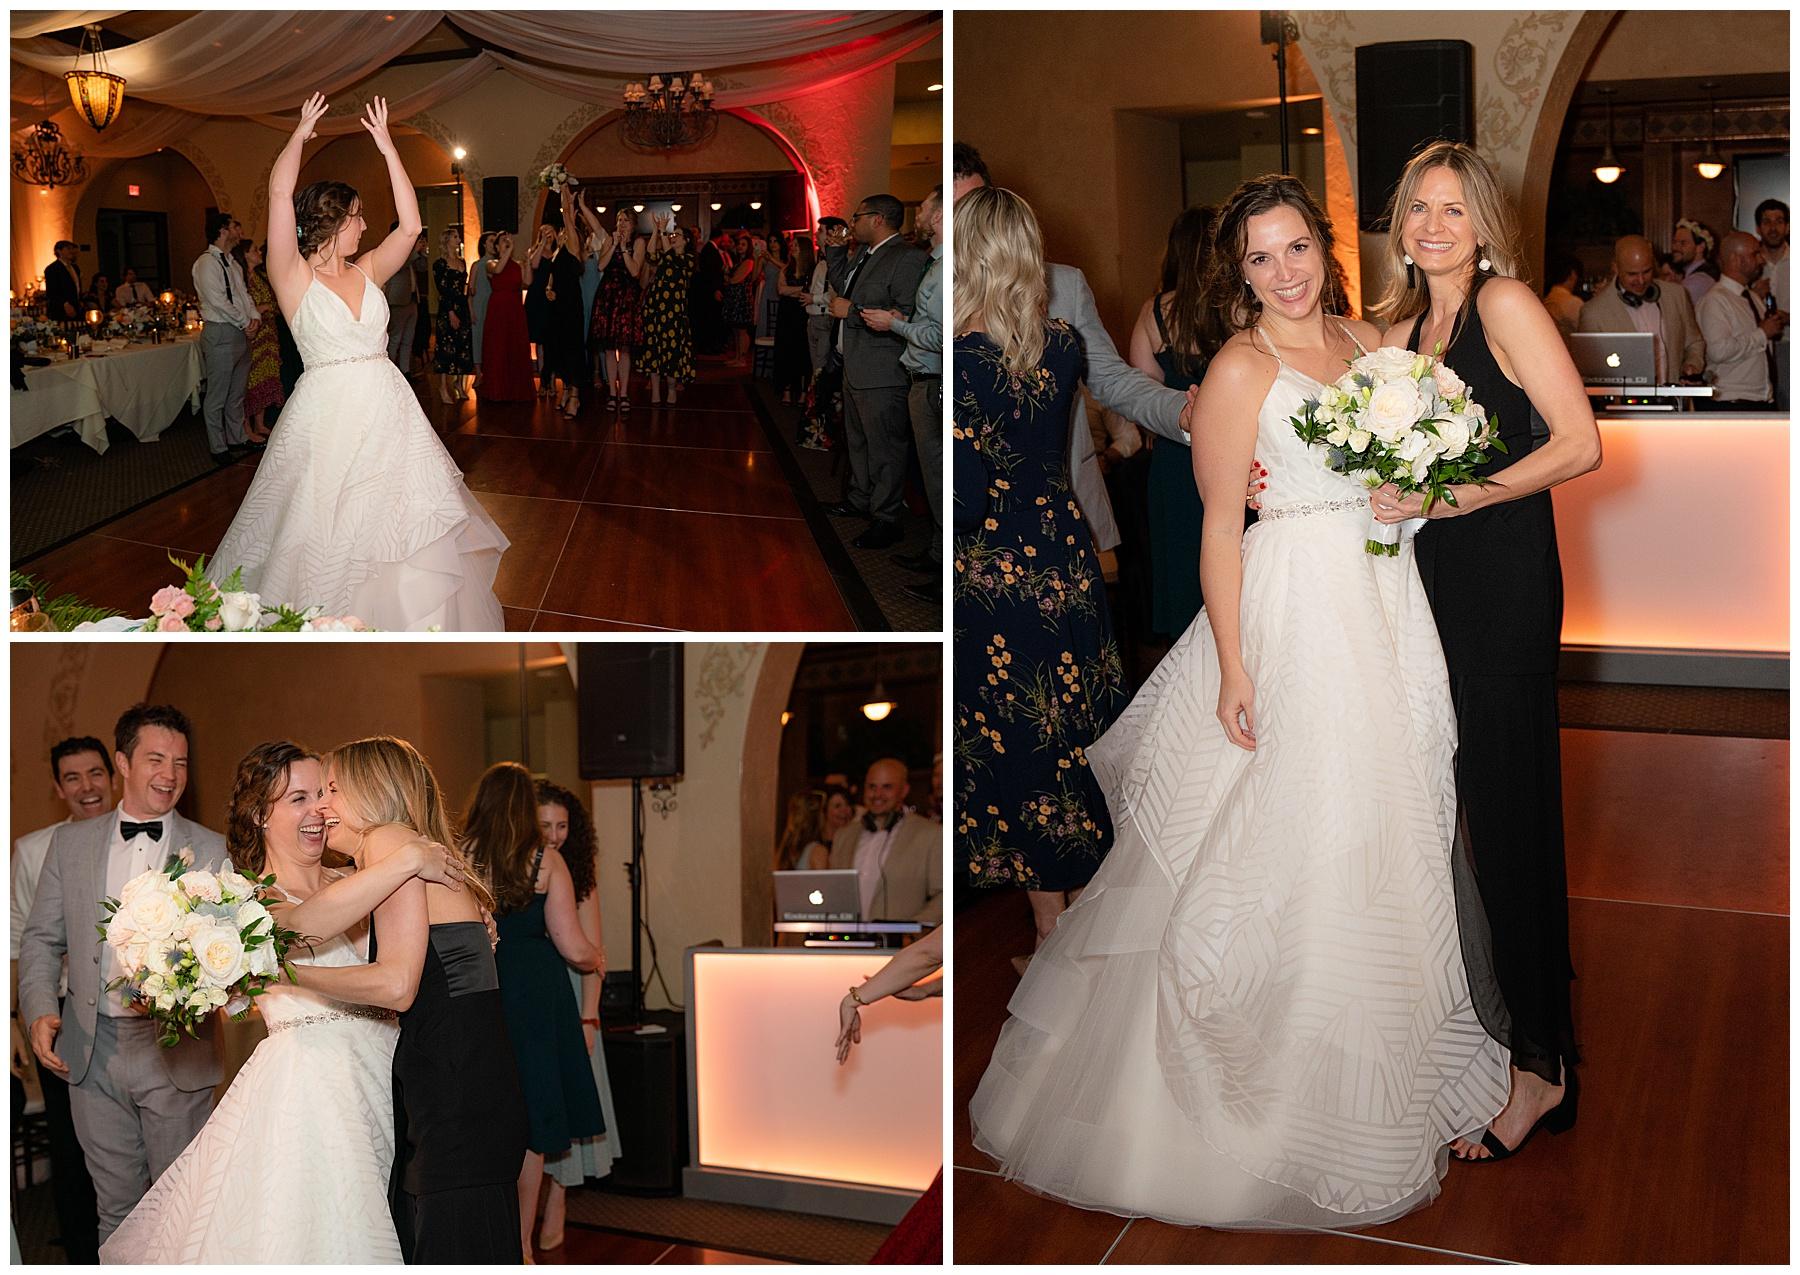 talega golf club weddings dancing